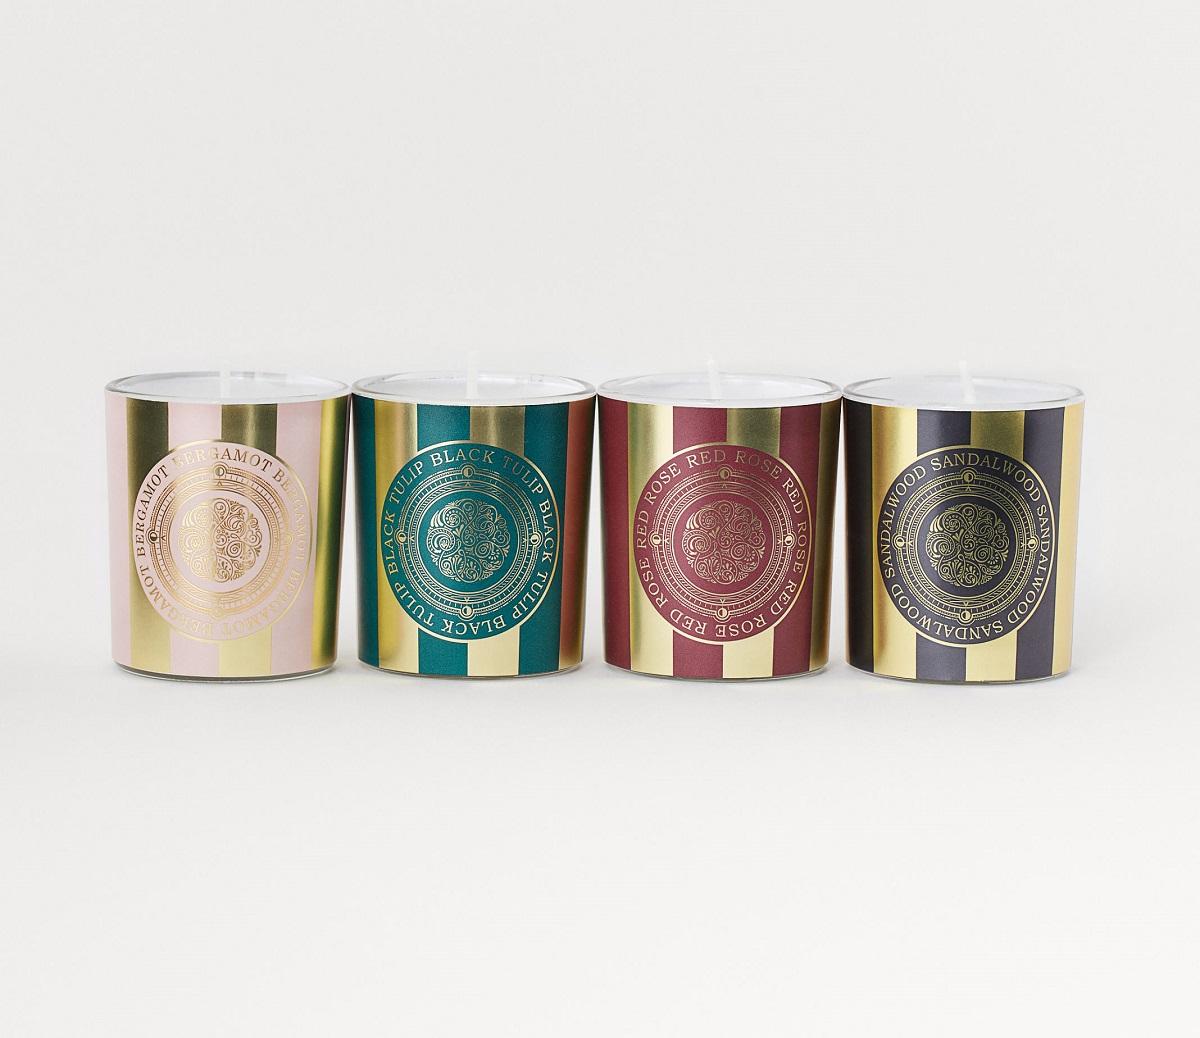 Envase de 4 velas aromáticas